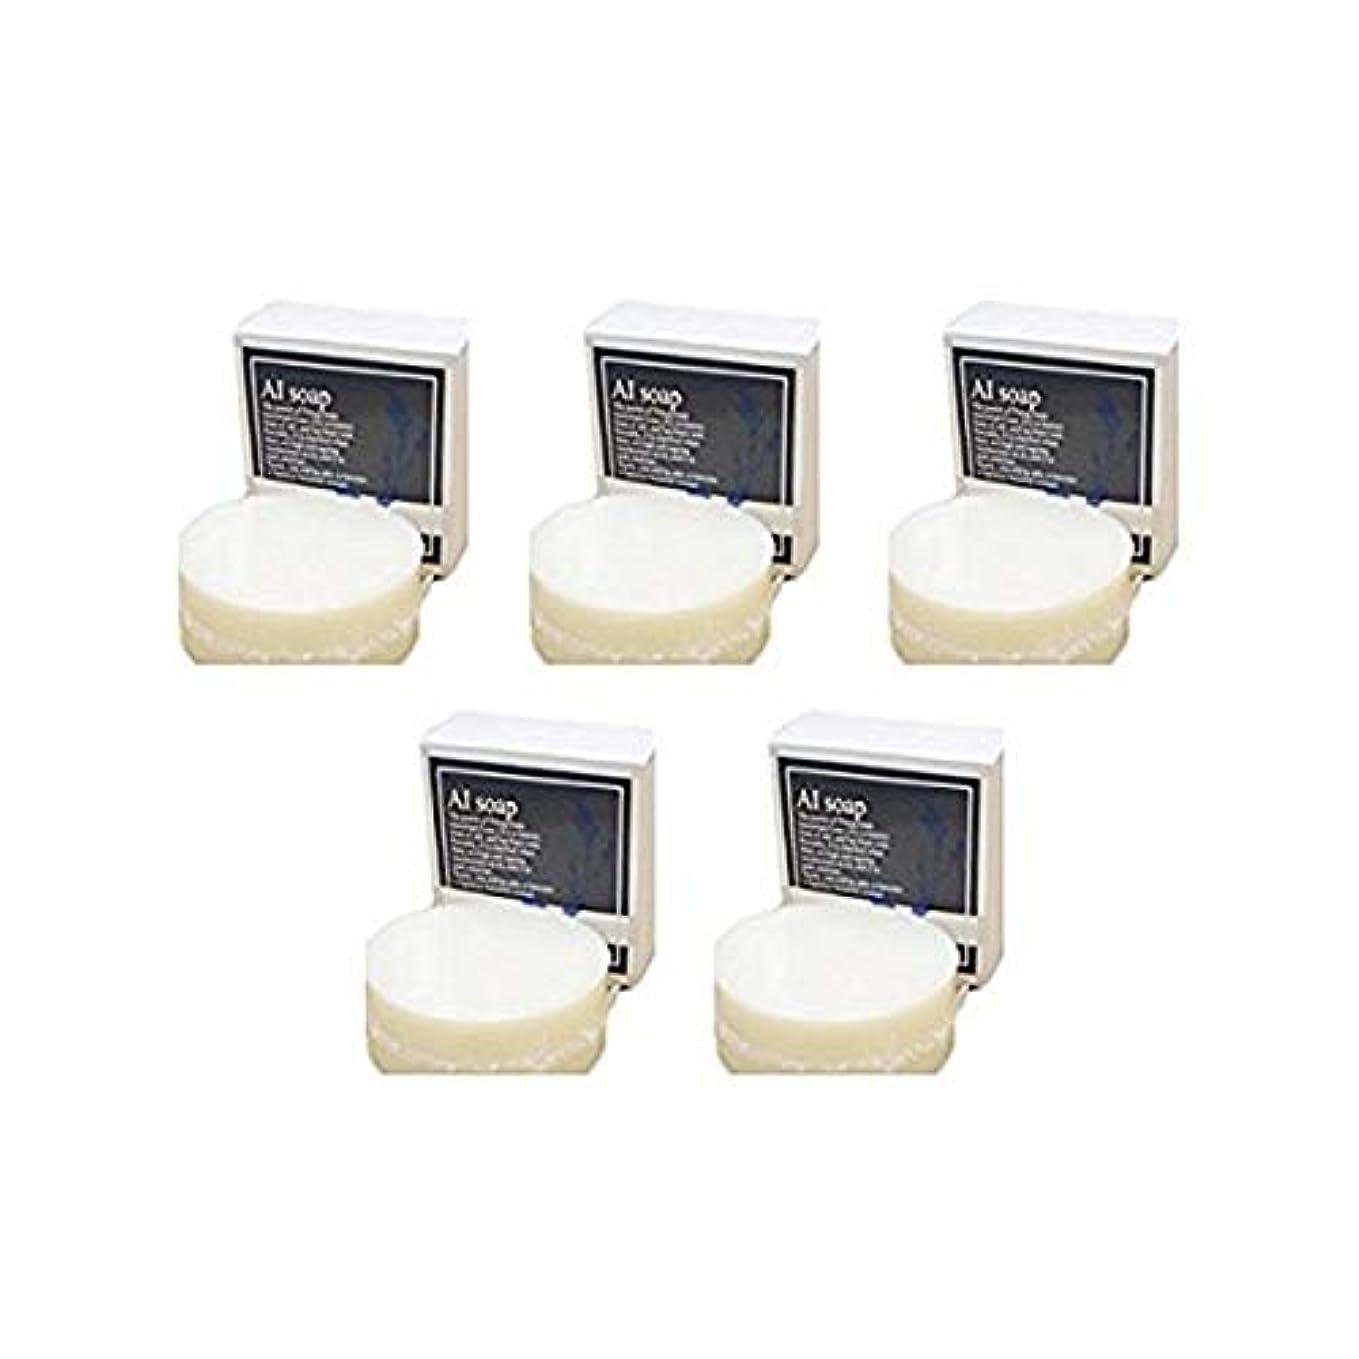 密度一族入浴AI soap 藍石鹸 5個セット(100g×5個)藍エキス配合の無添加石鹸